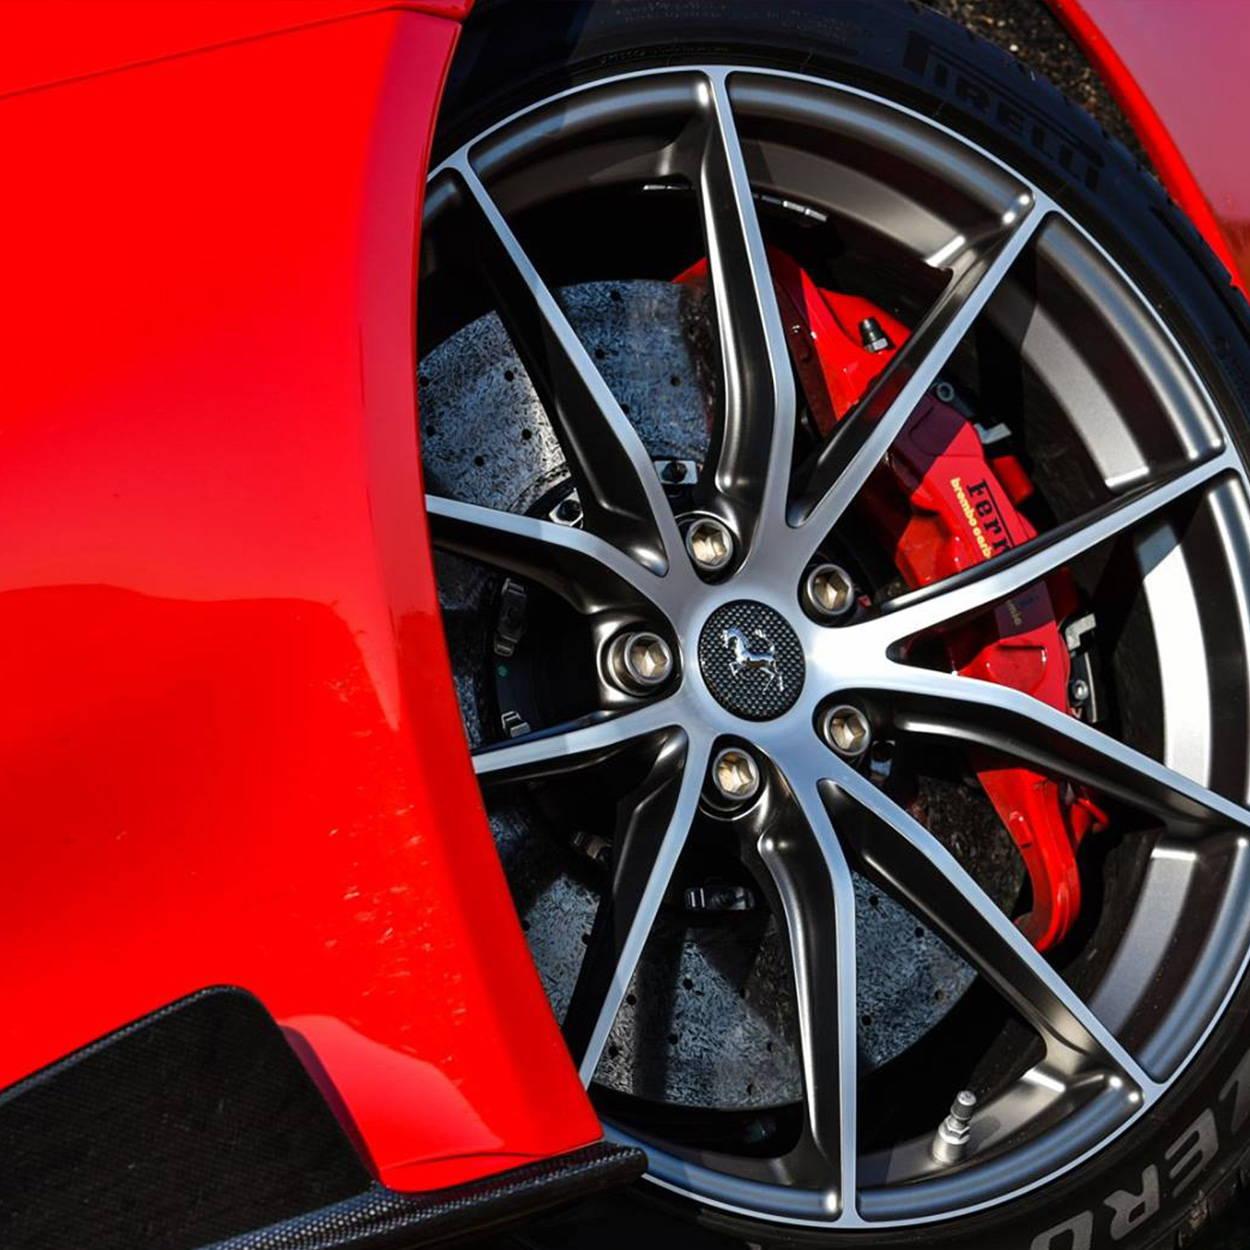 Ferrari red driving gloves